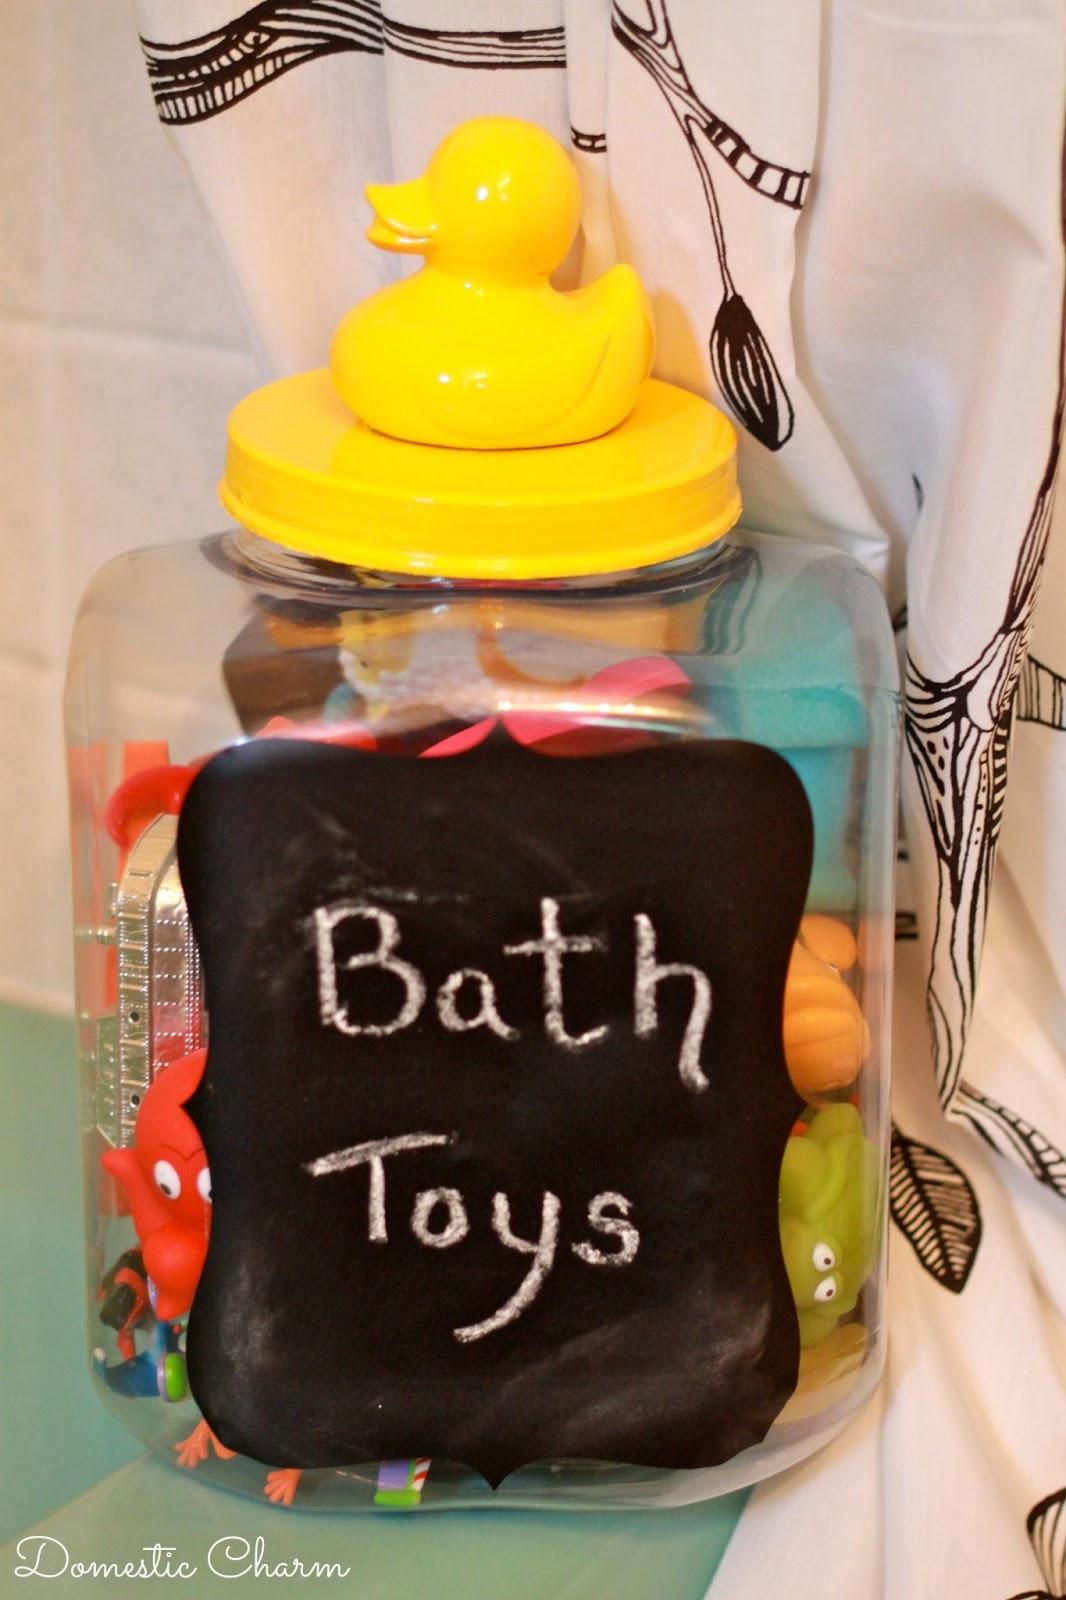 Domestic Charm Diy Bath Toy Tub